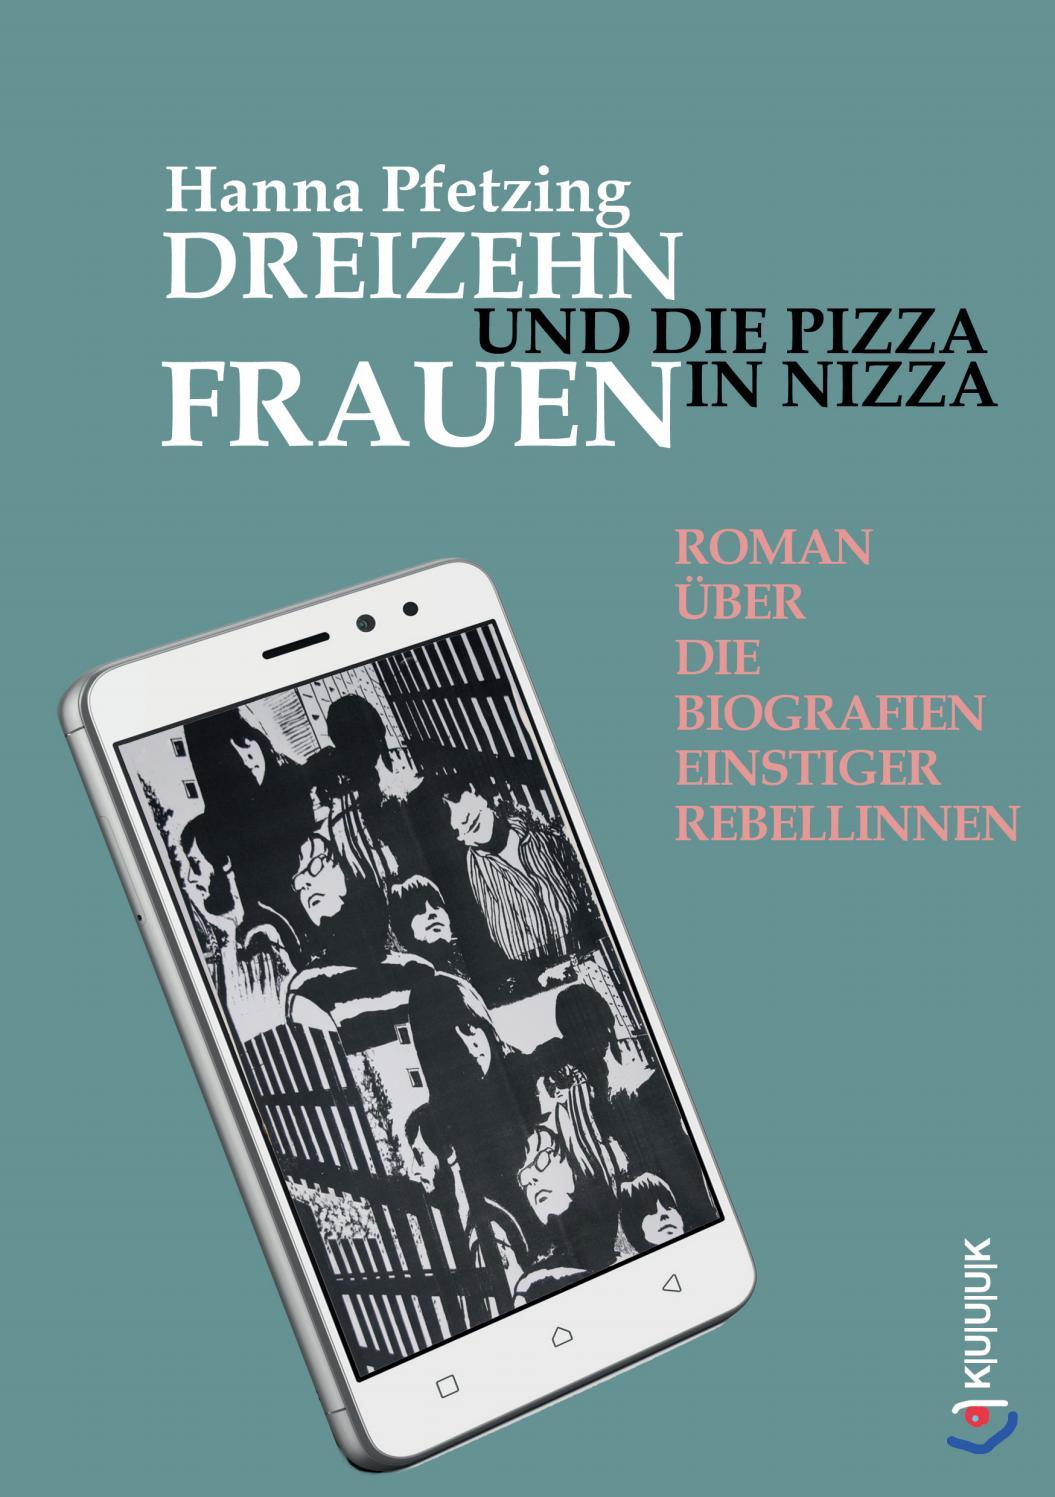 Leseprobe Hanna Pfetzing Dreizehn Frauen Und Die Pizza In